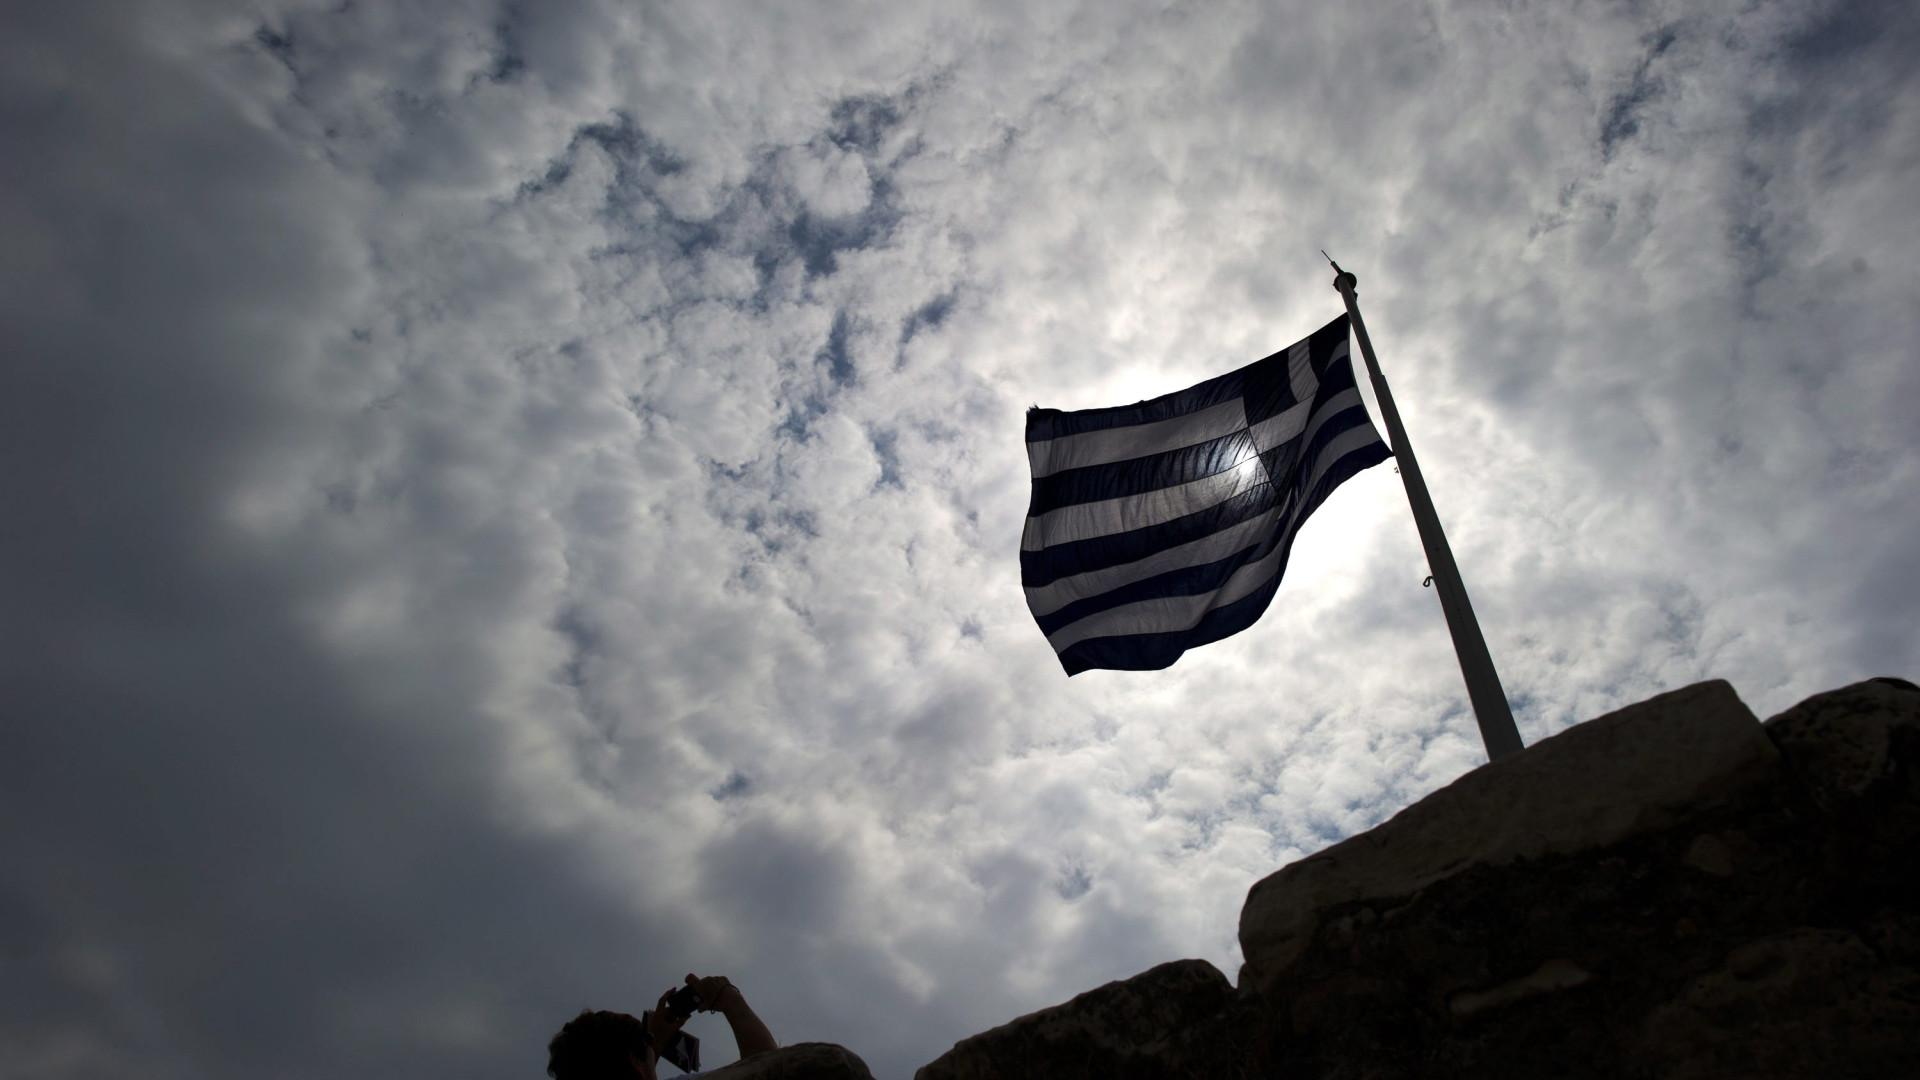 CE confiante que Grécia cumprirá condições para sair de ajuda externa